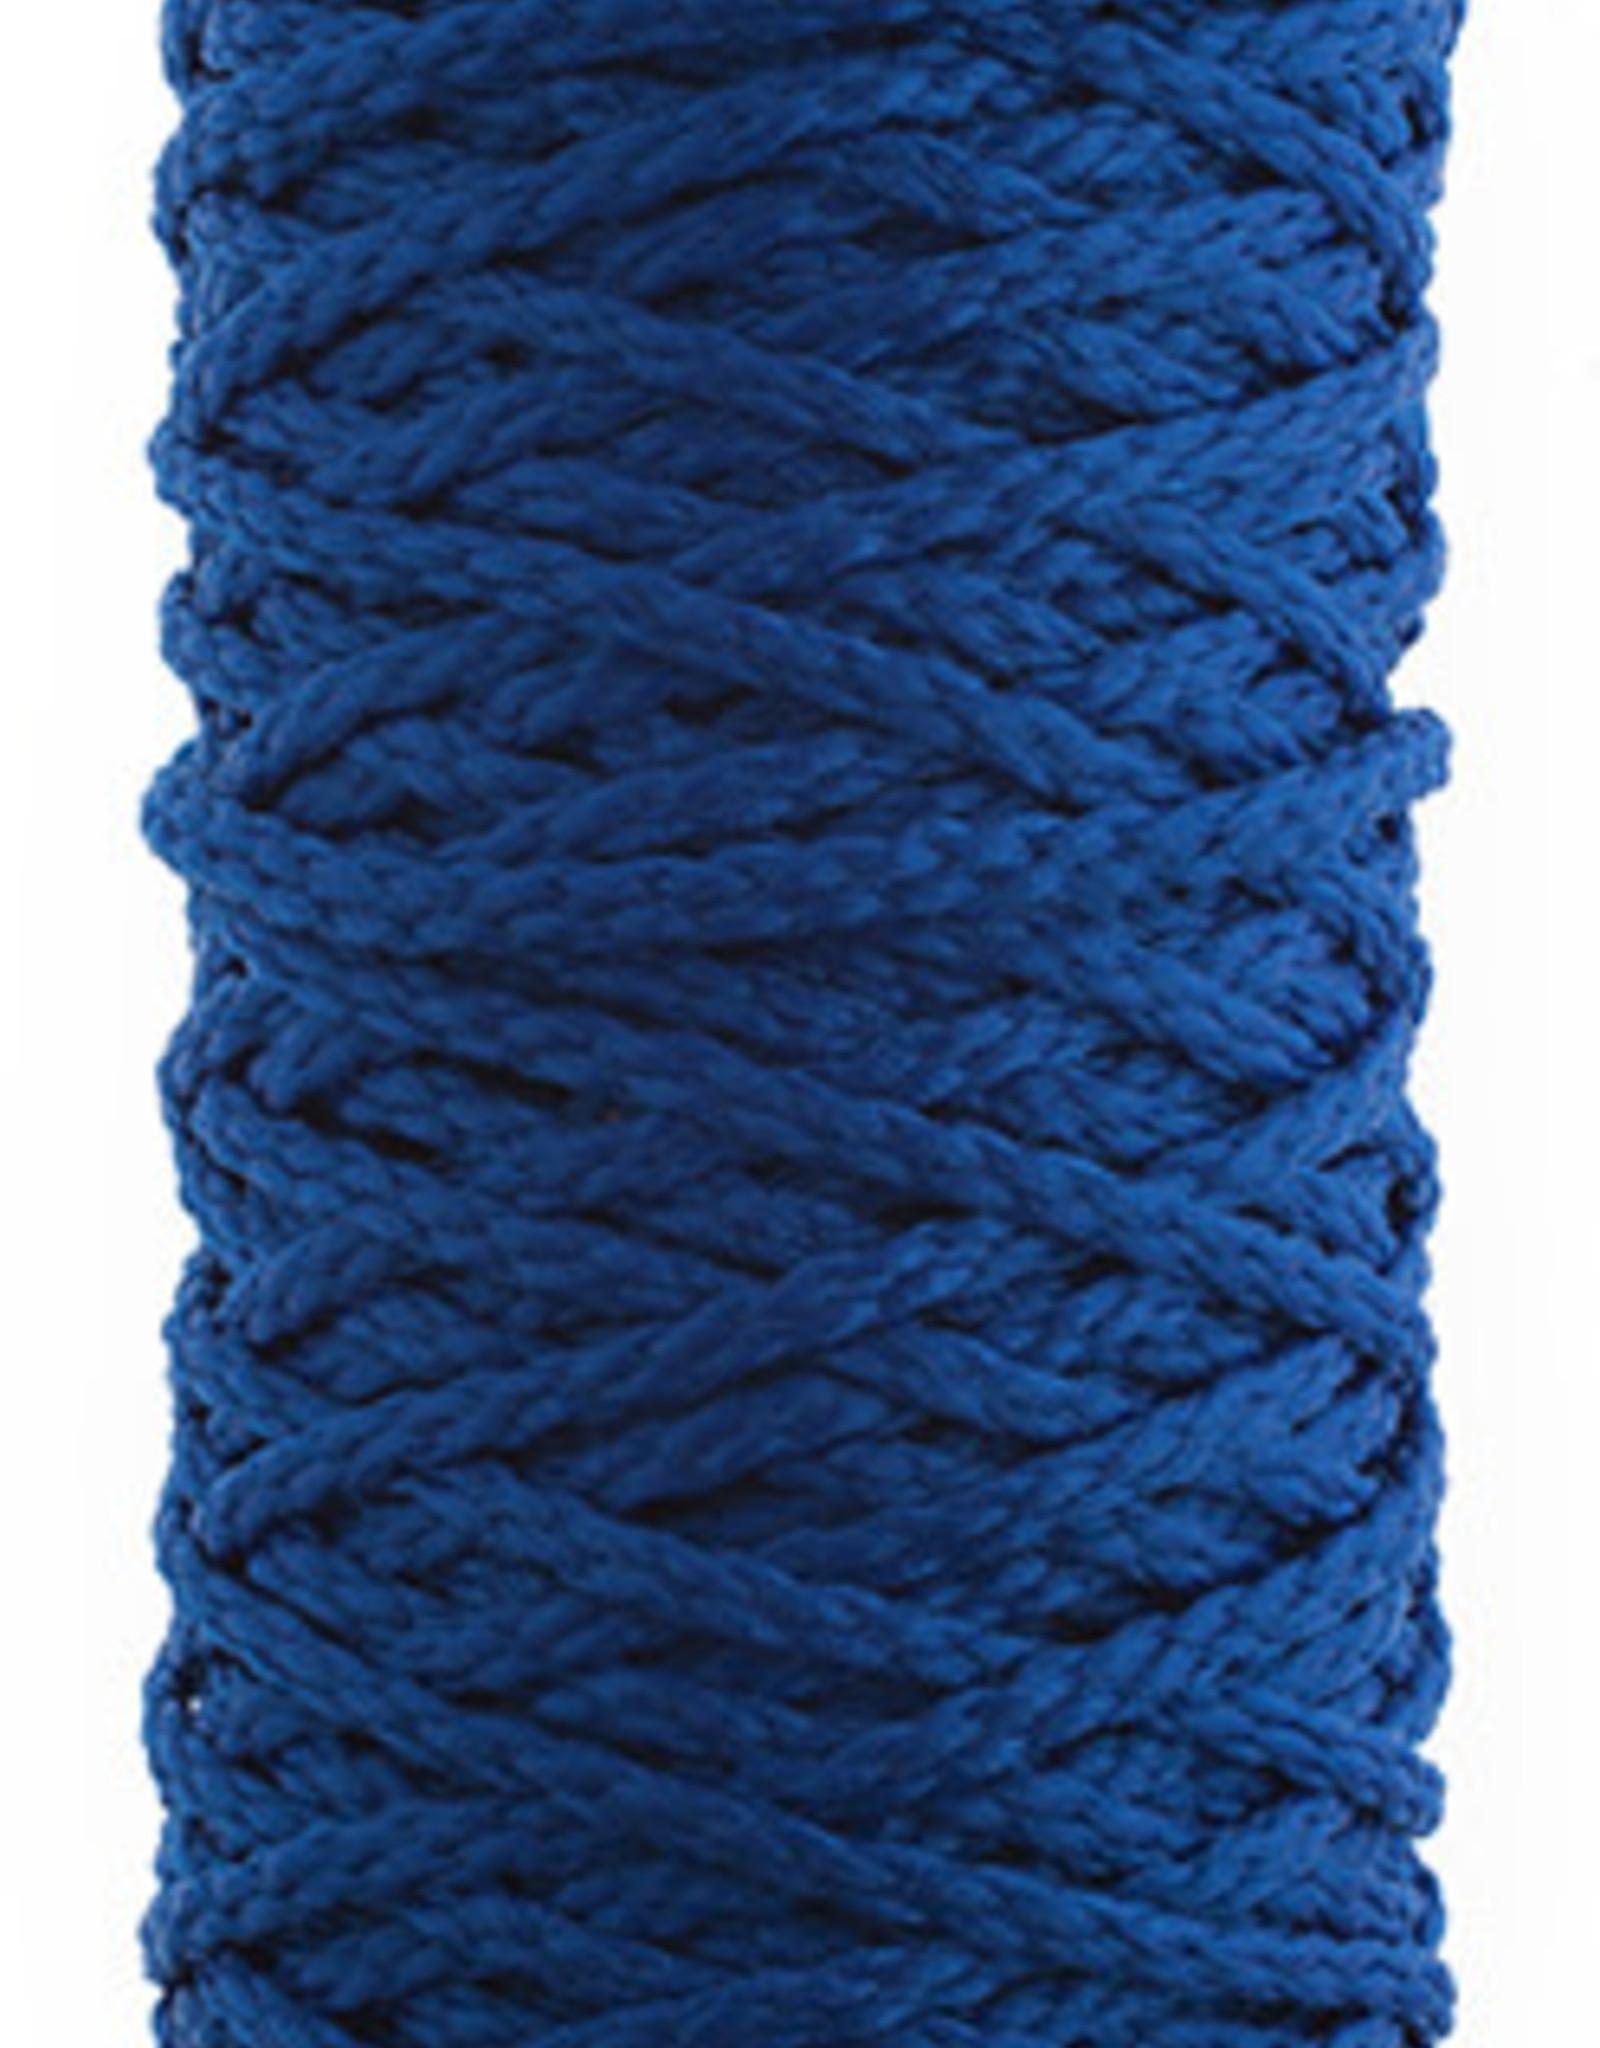 Braided Macrame Cord 4mm